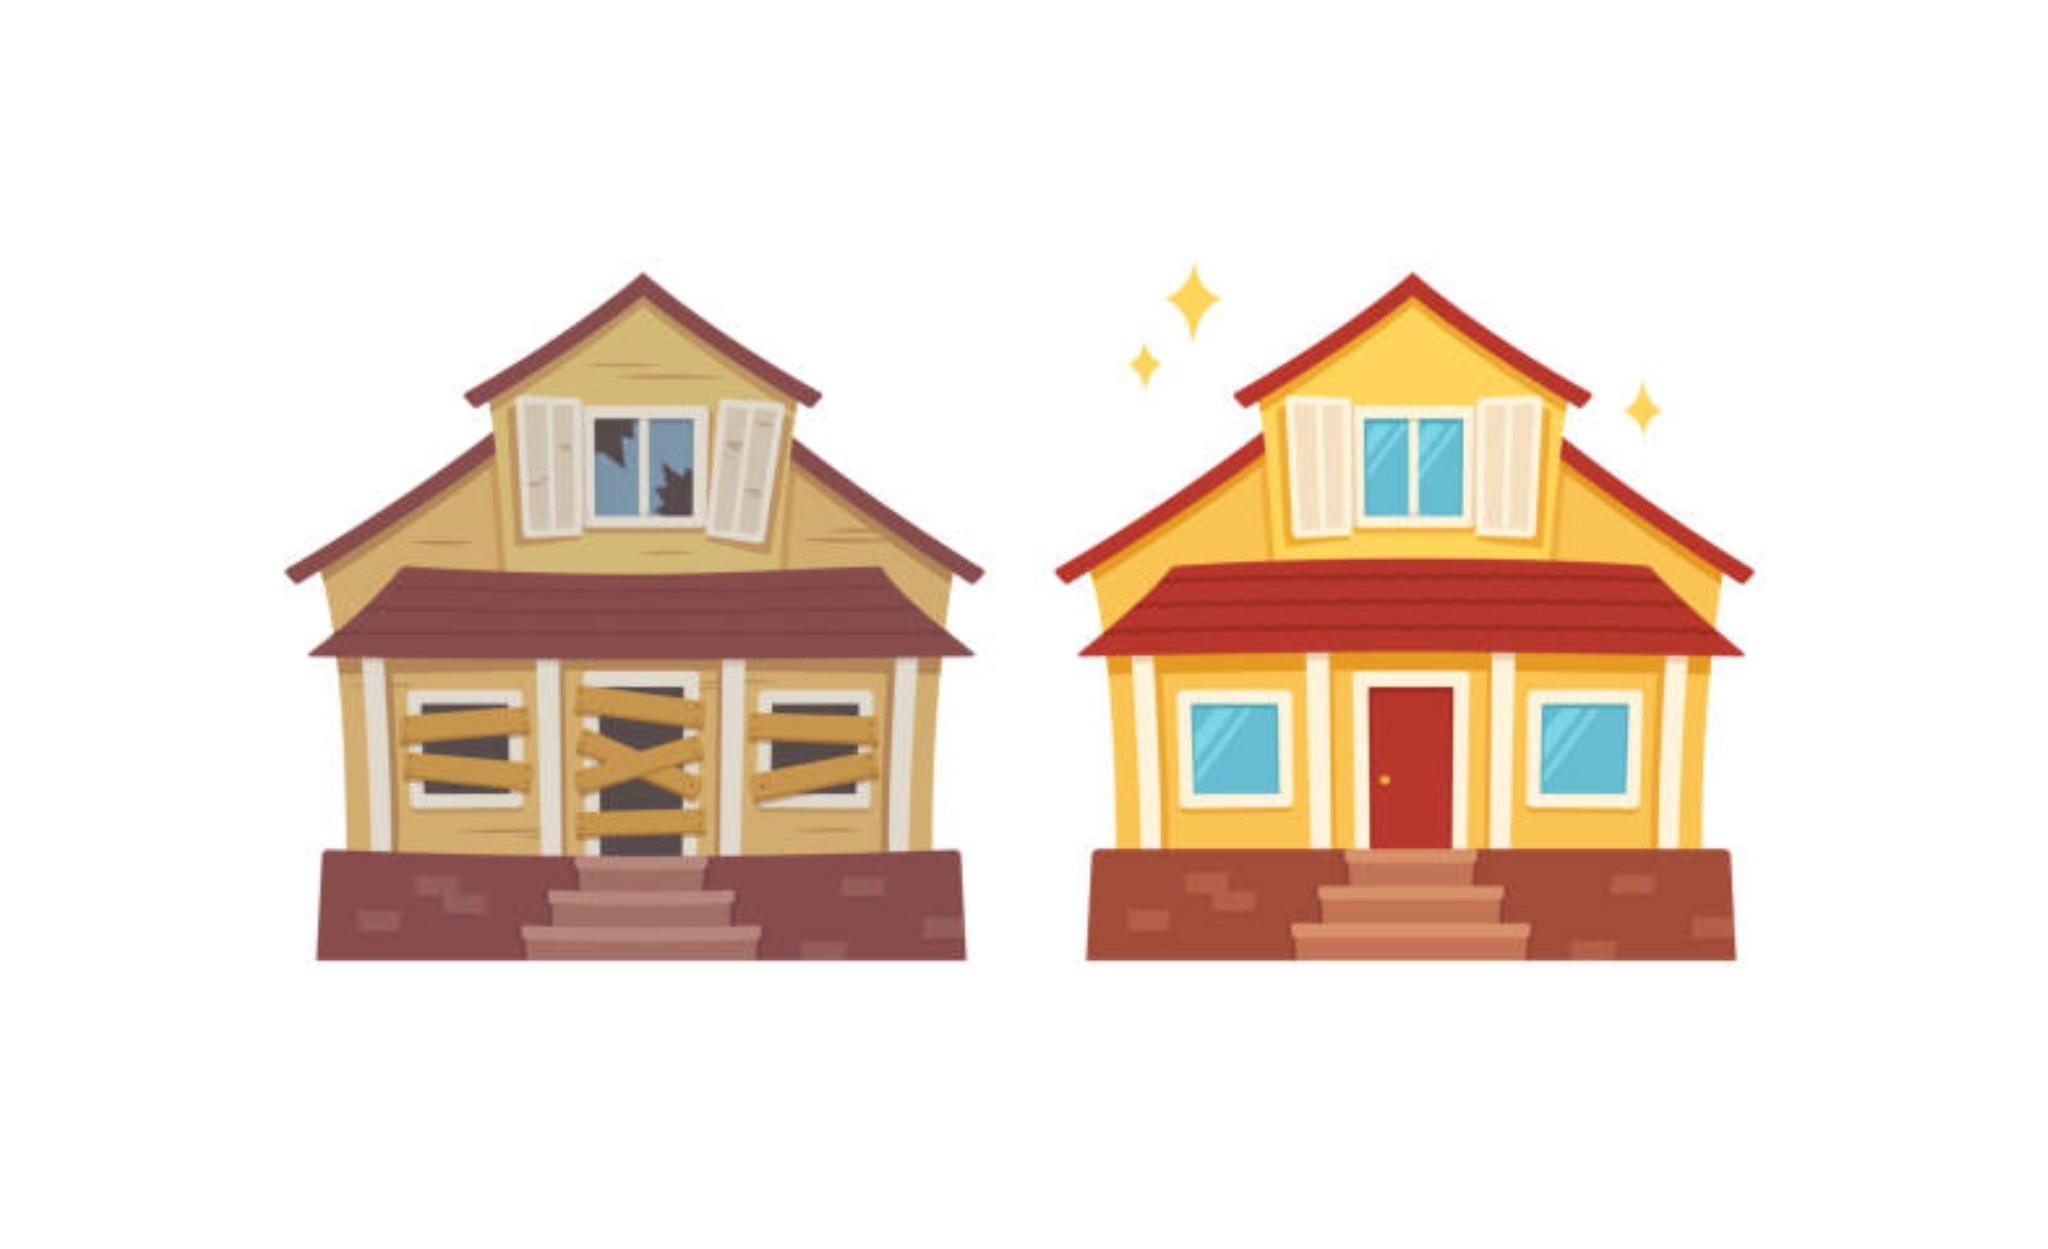 трейд ин в недвижимости обмен квартиры на новую